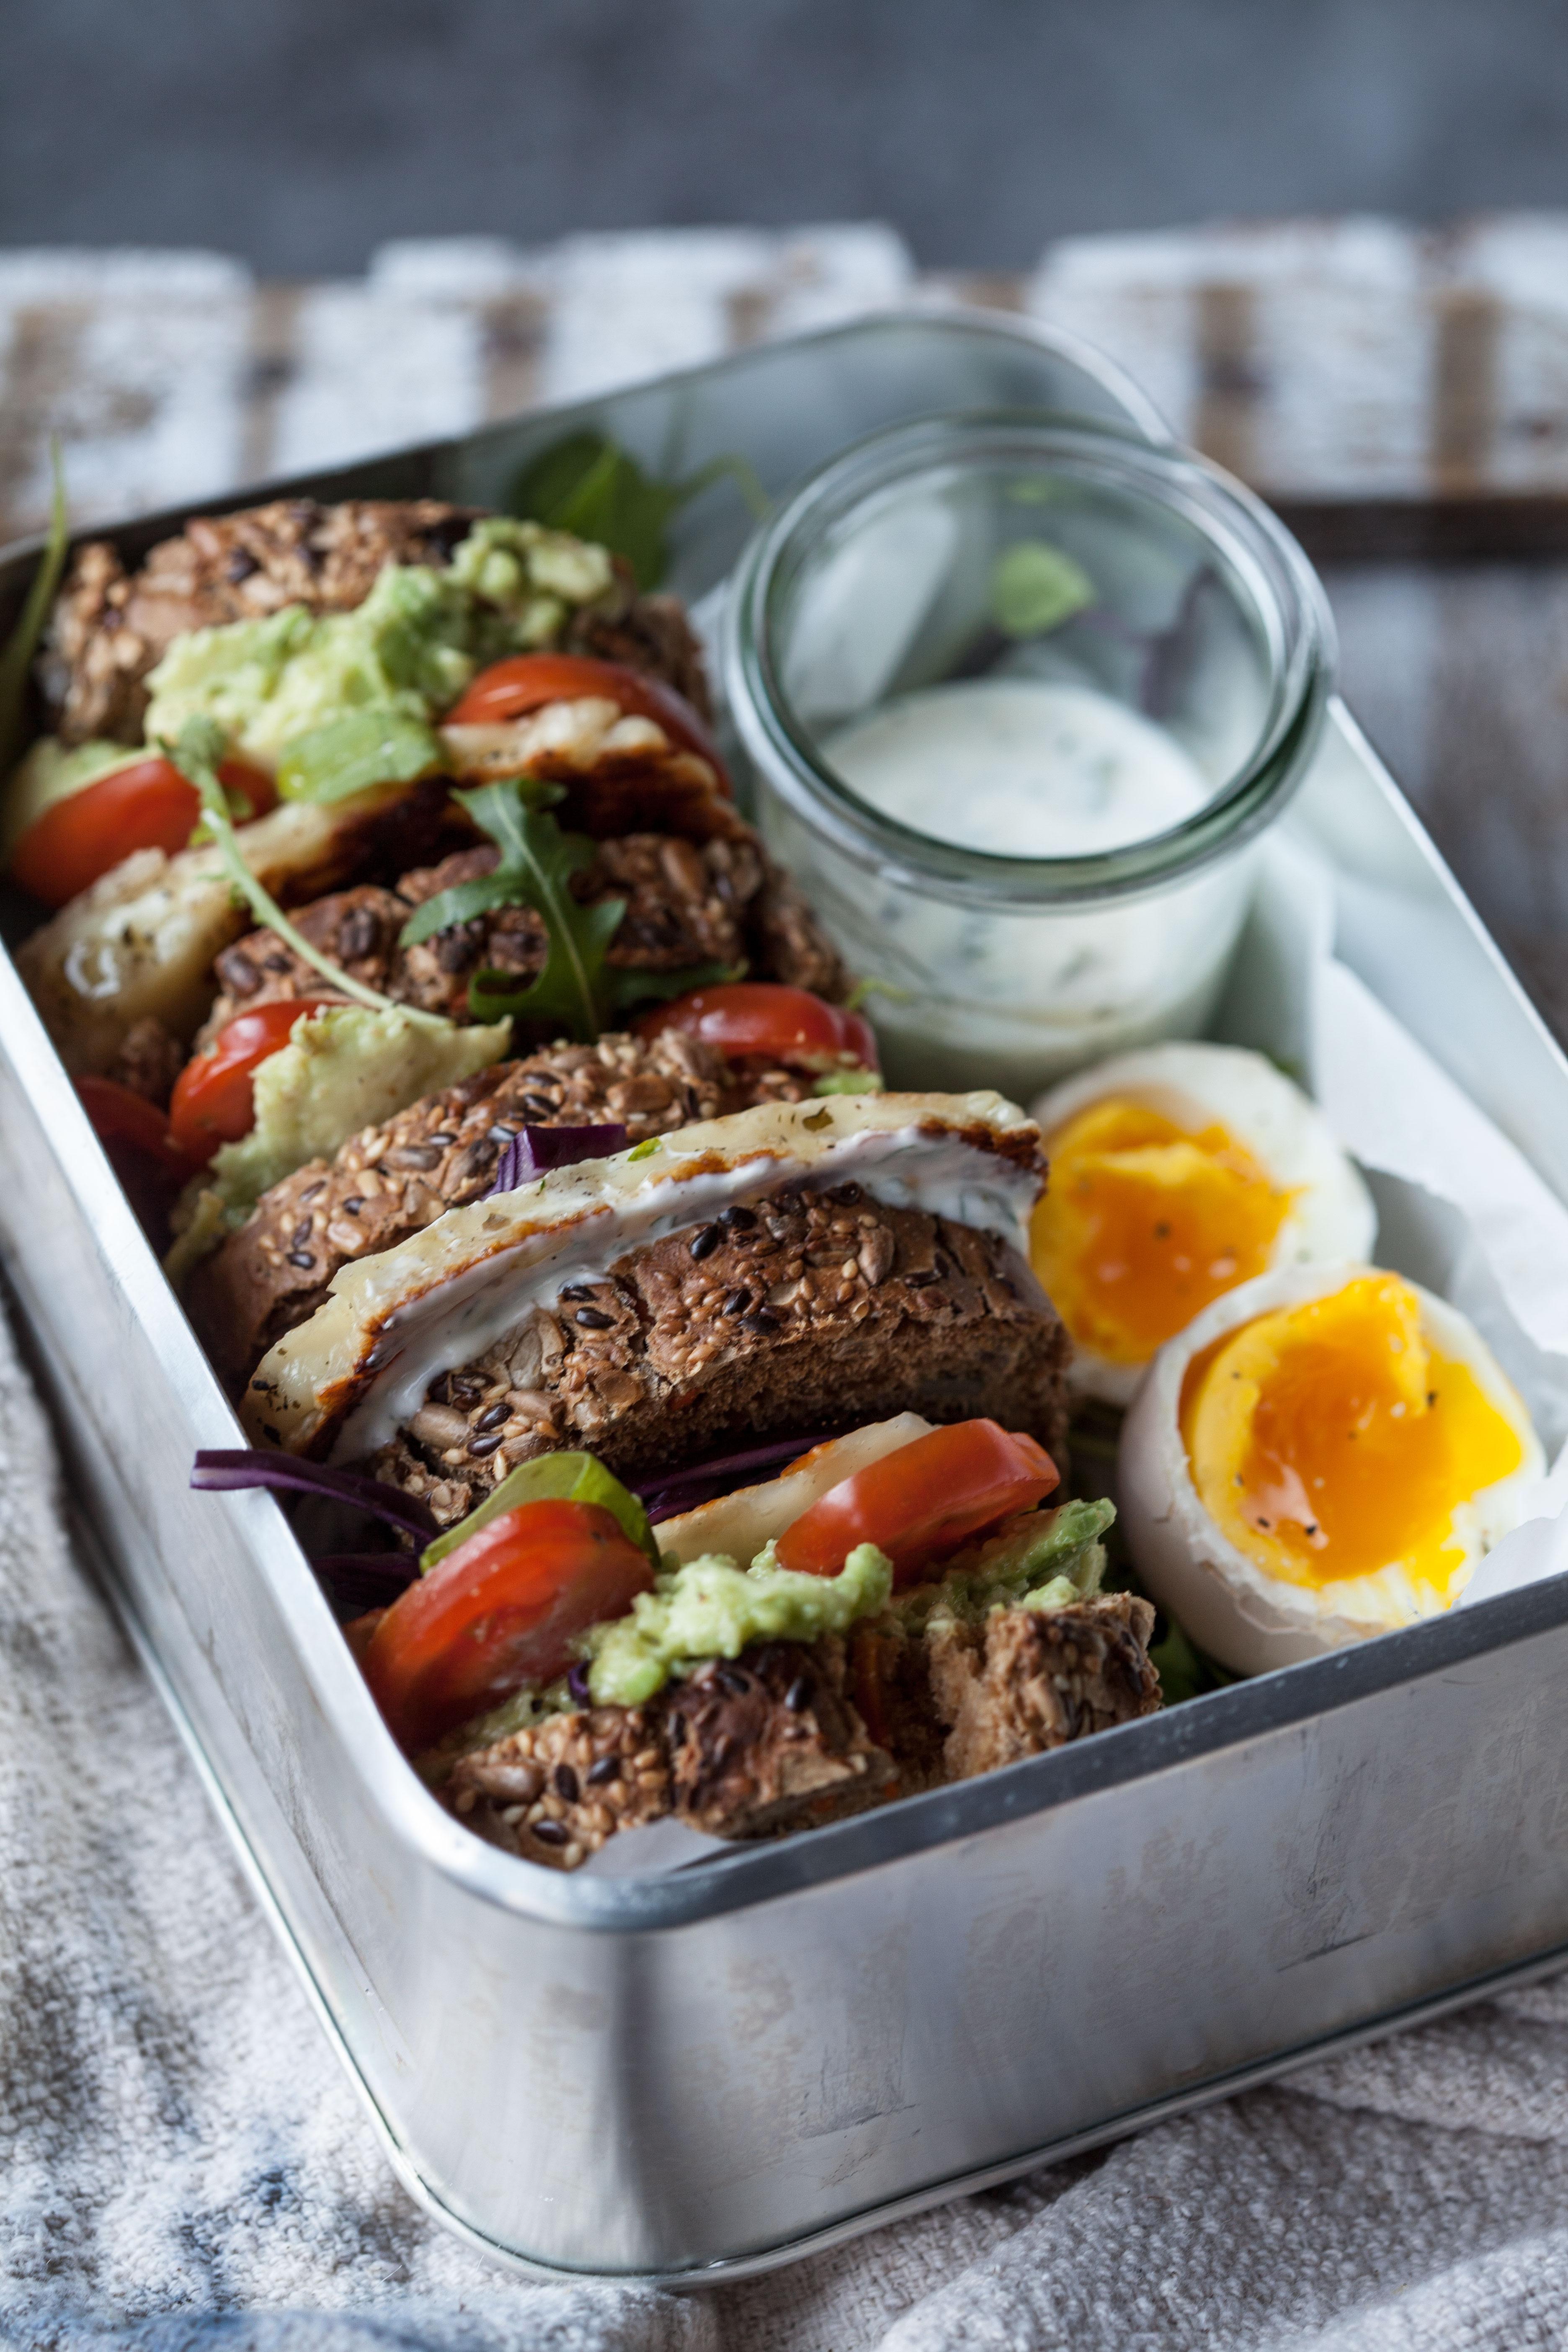 Sandwich-Fitnessbrot_ReschuFrisch_Foodtastic__MG_0207